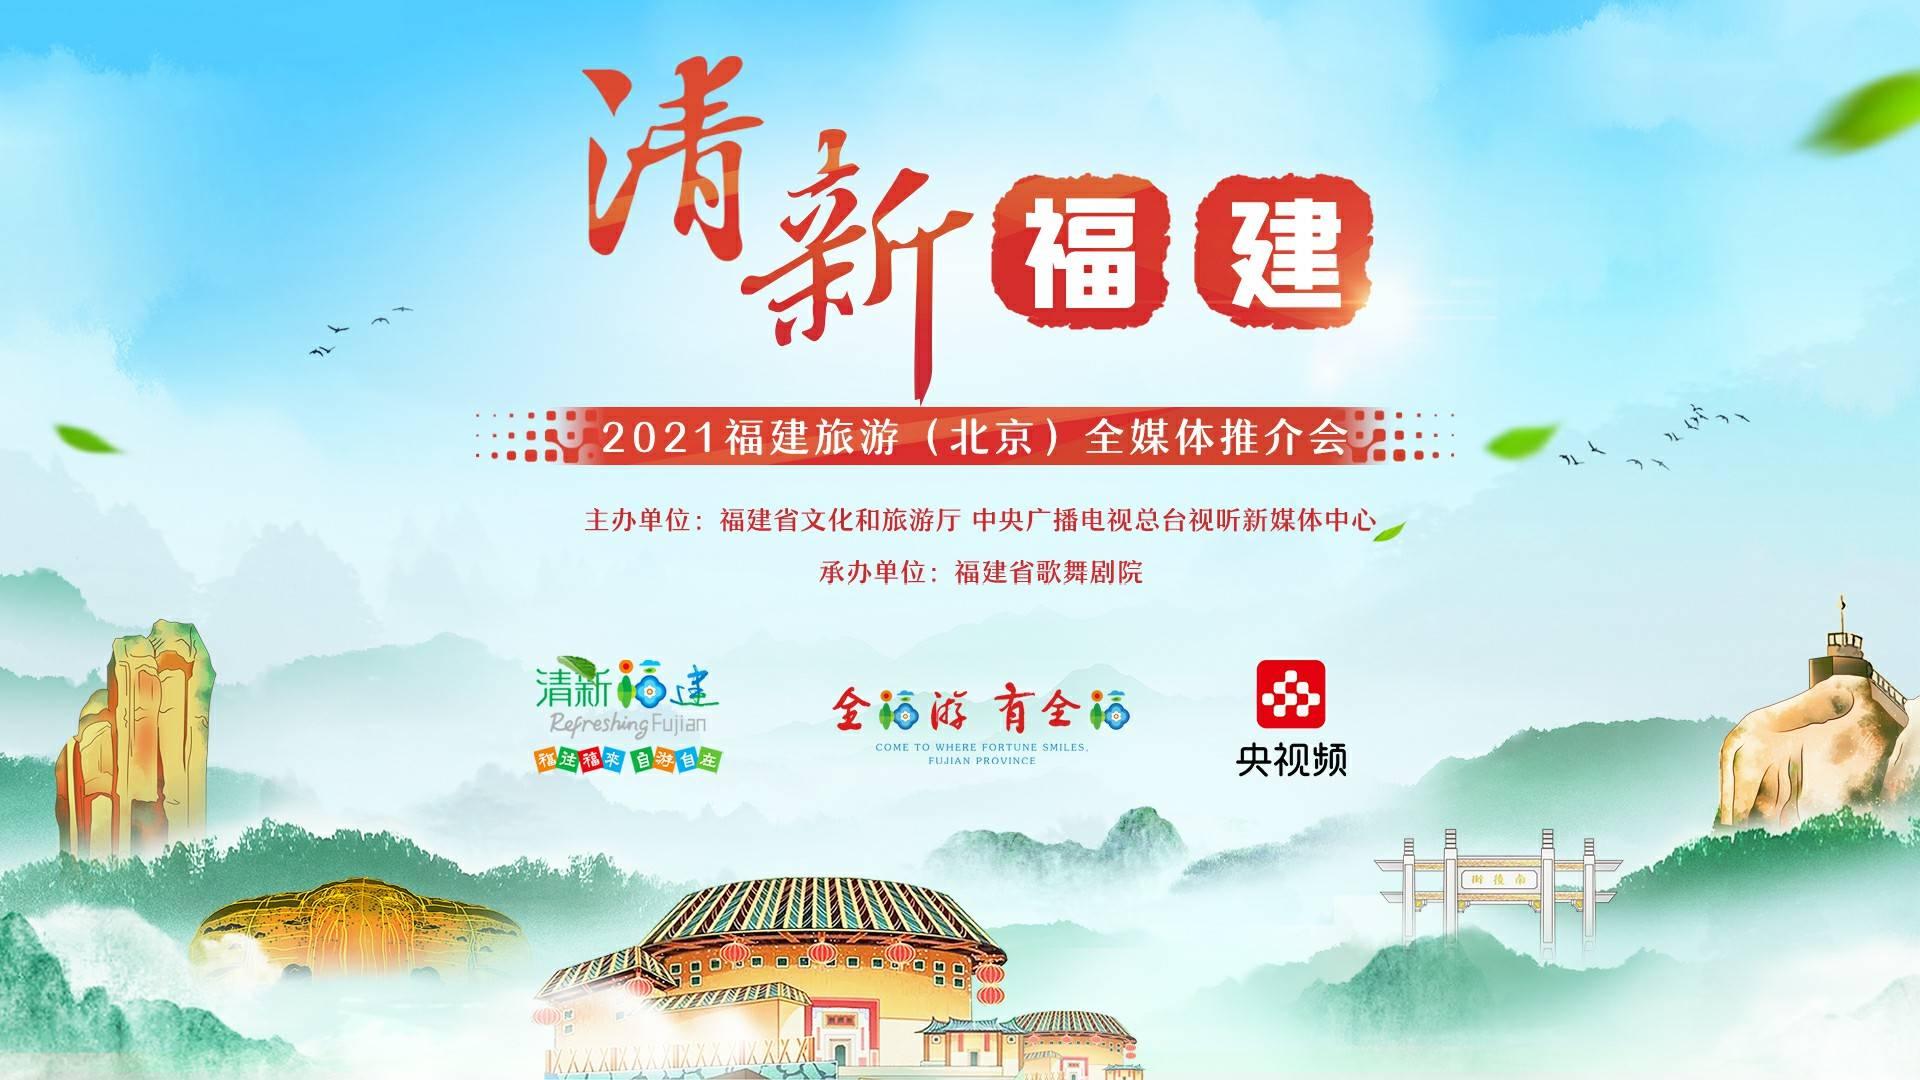 2021福建旅游(北京)全媒体推介会多维度呈现文旅品牌特色